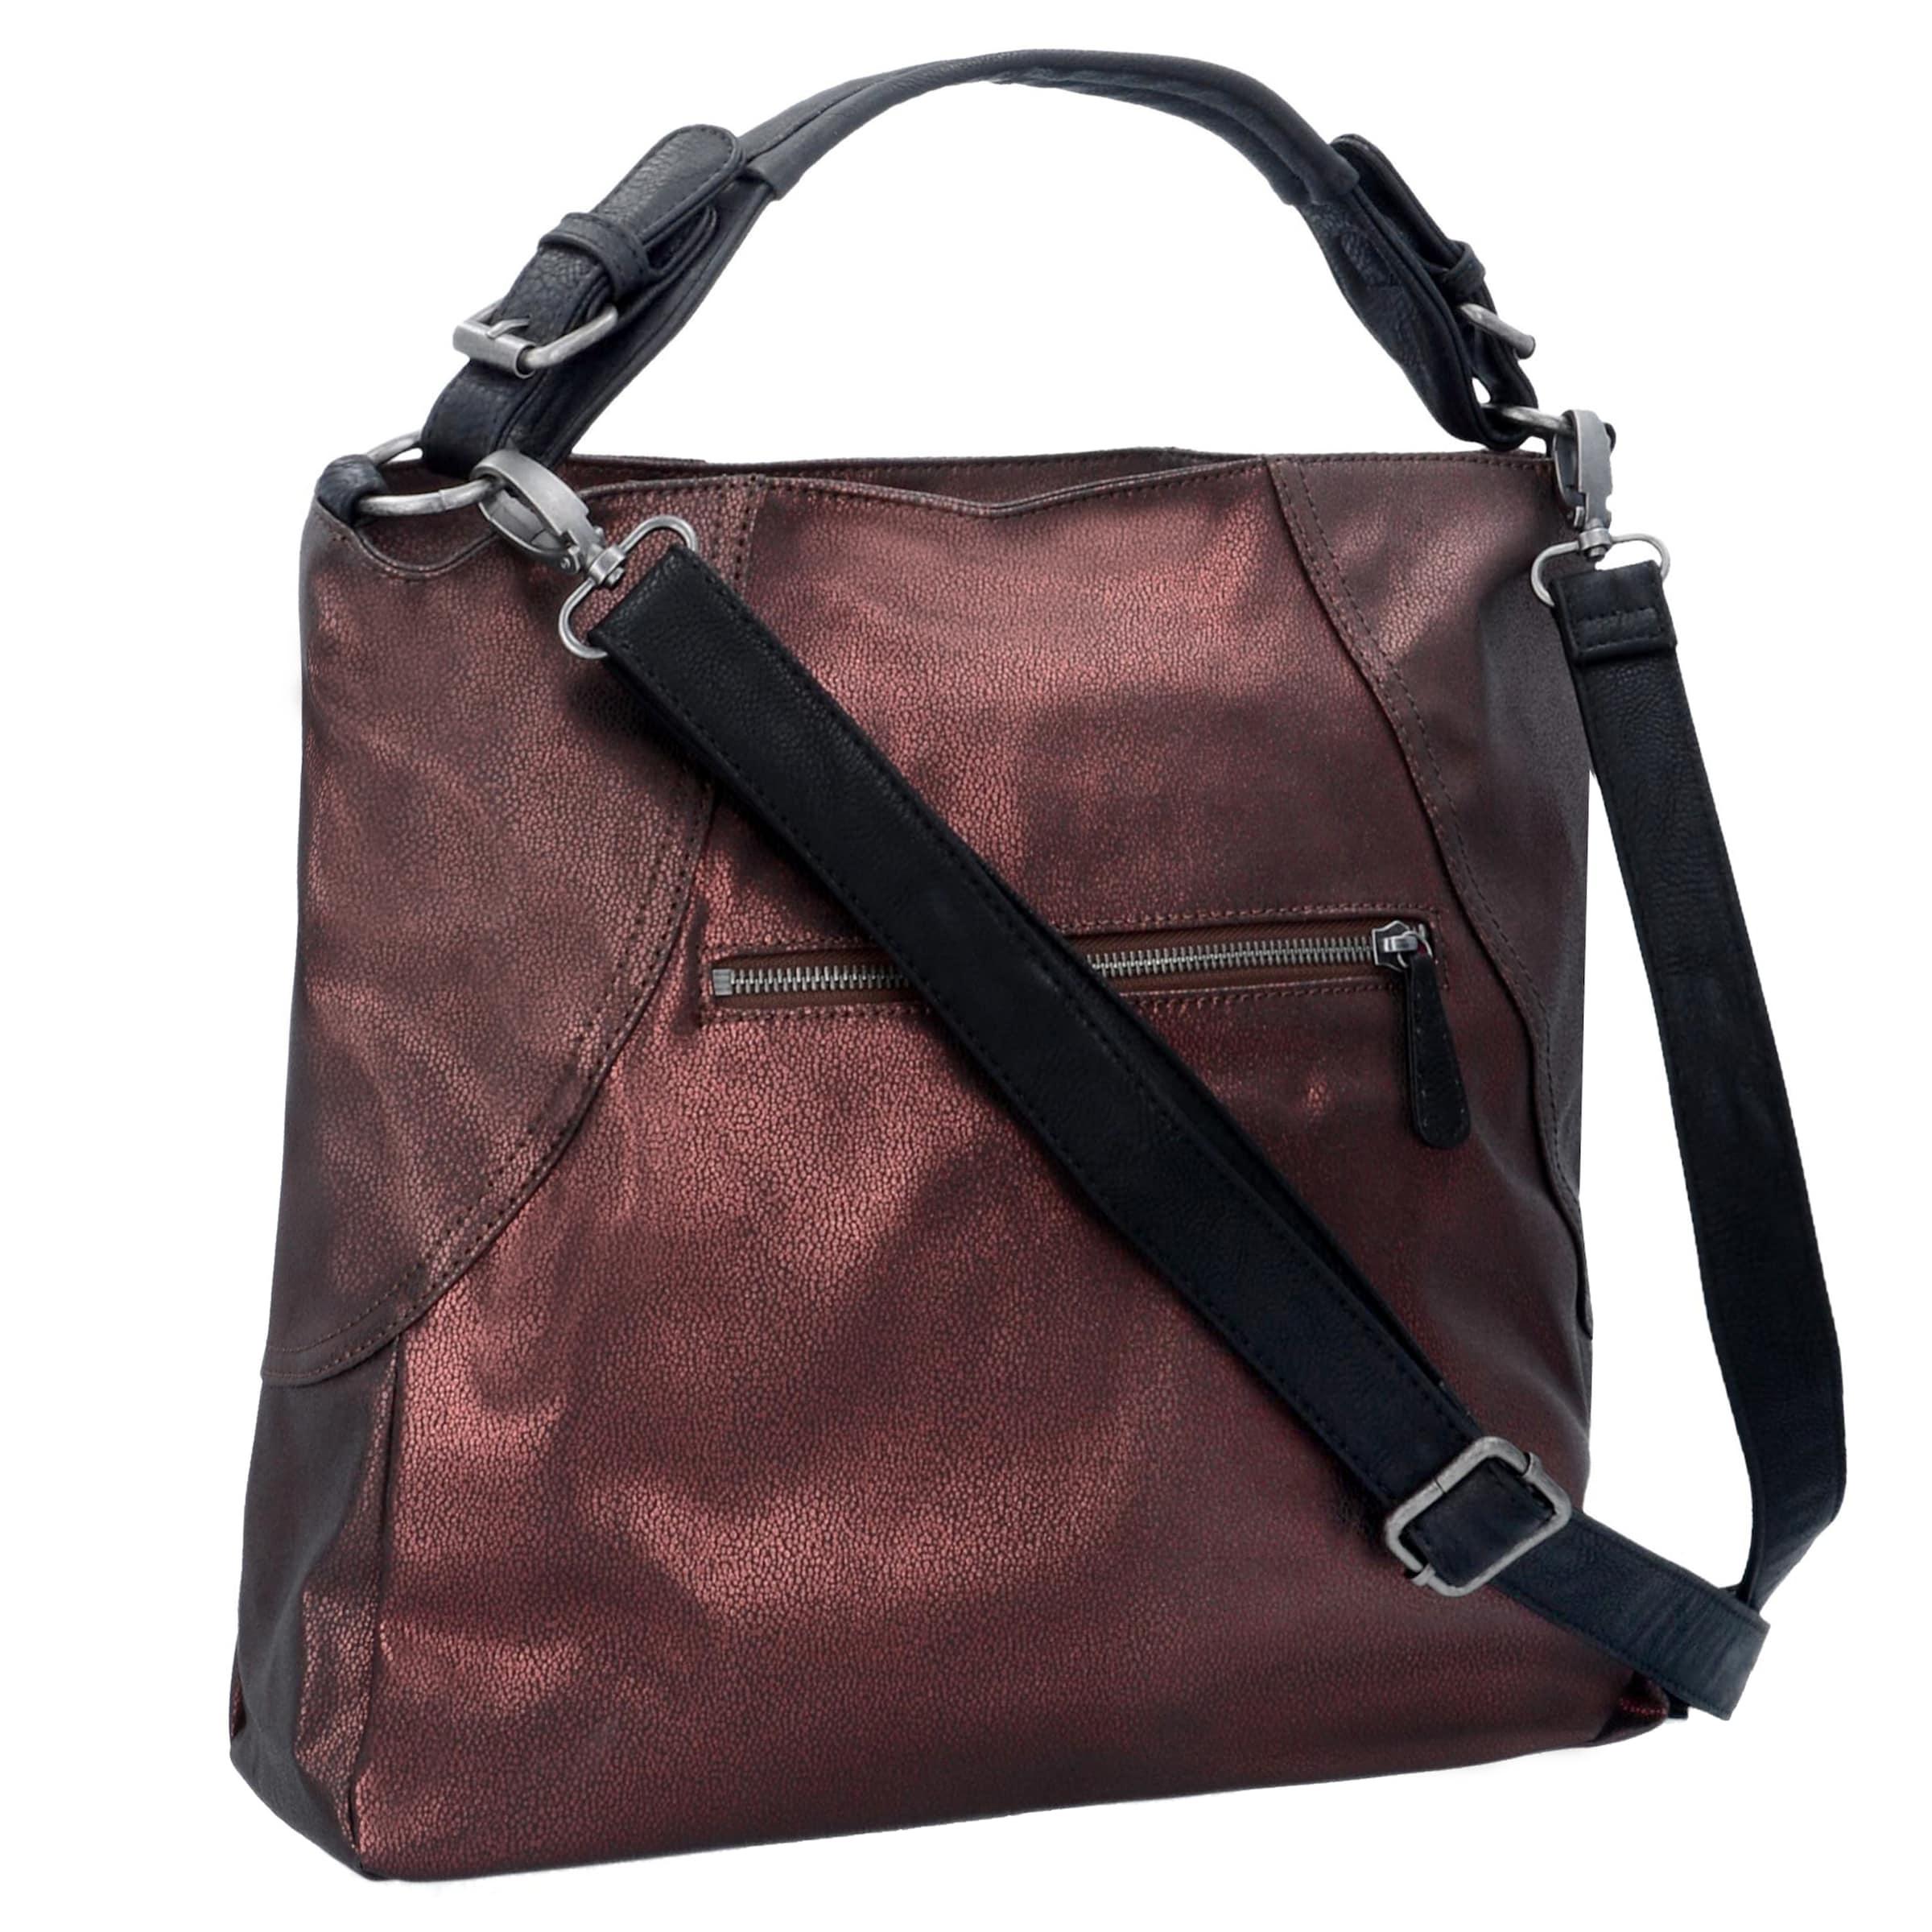 Fritzi aus Preußen Helma Shopper Tasche 39 cm Angebote Günstigen Preis 100% Original Online Fabrikverkauf Günstiger Preis THsEEmK2ik